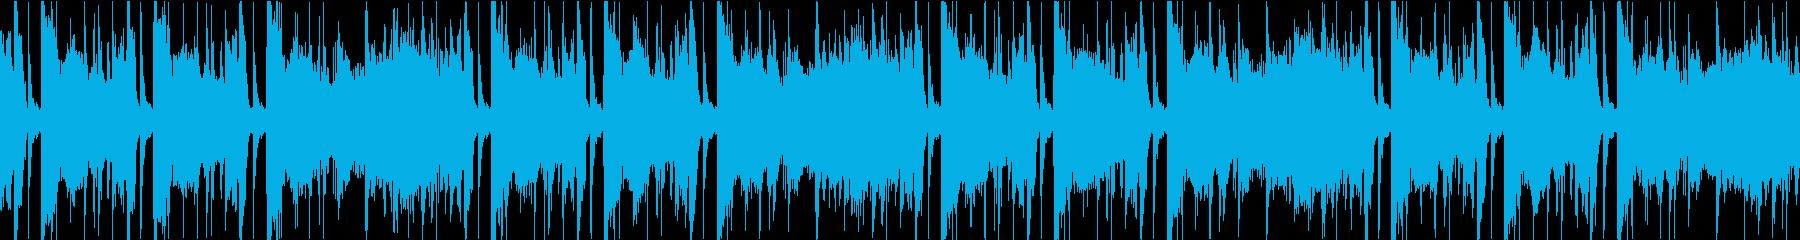 Lofihiphop_JazzyLoopの再生済みの波形